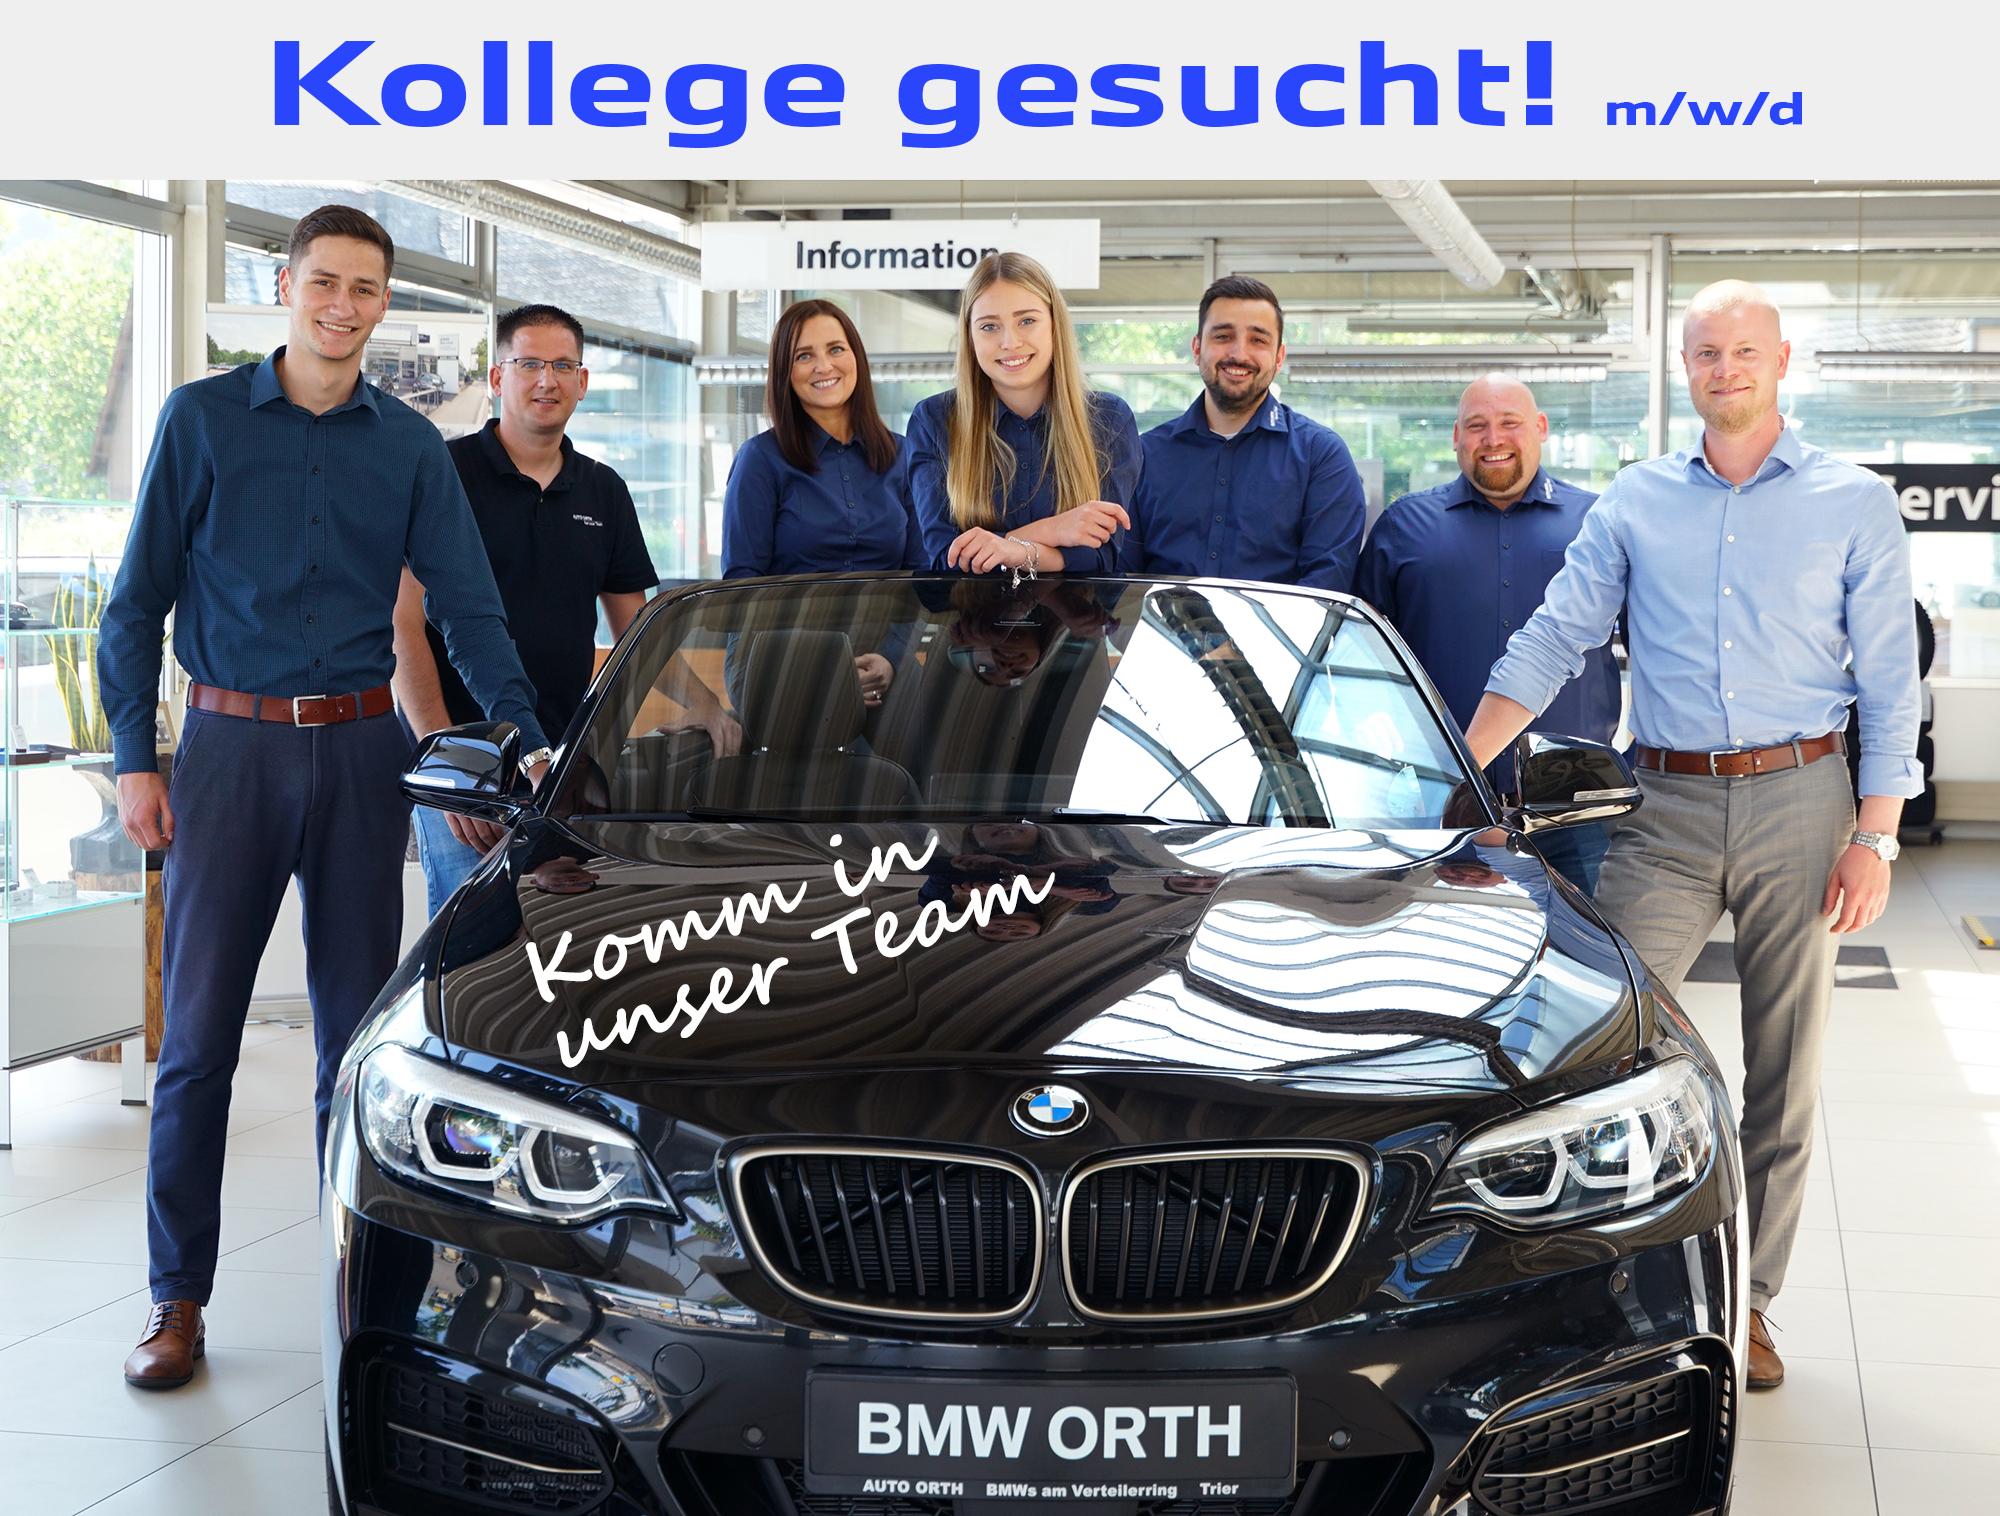 AUTO ORTH BMW TRIER SERVICE Bewerbung Stellensuche